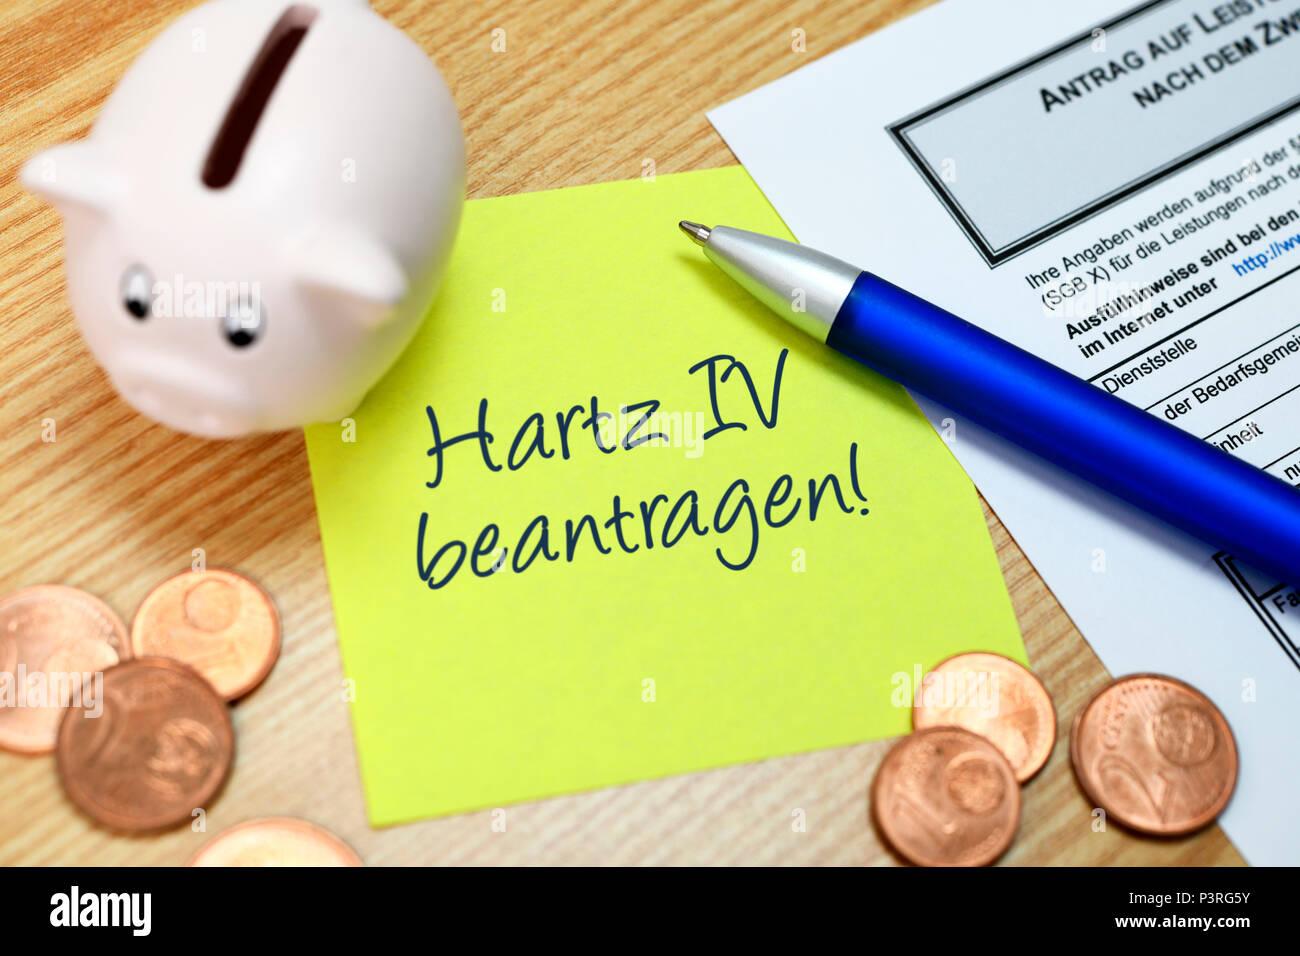 'Memo request with the inscription ''Hartz IV''', Notizzettel mit der Aufschrift 'Hartz IV beantragen' - Stock Image